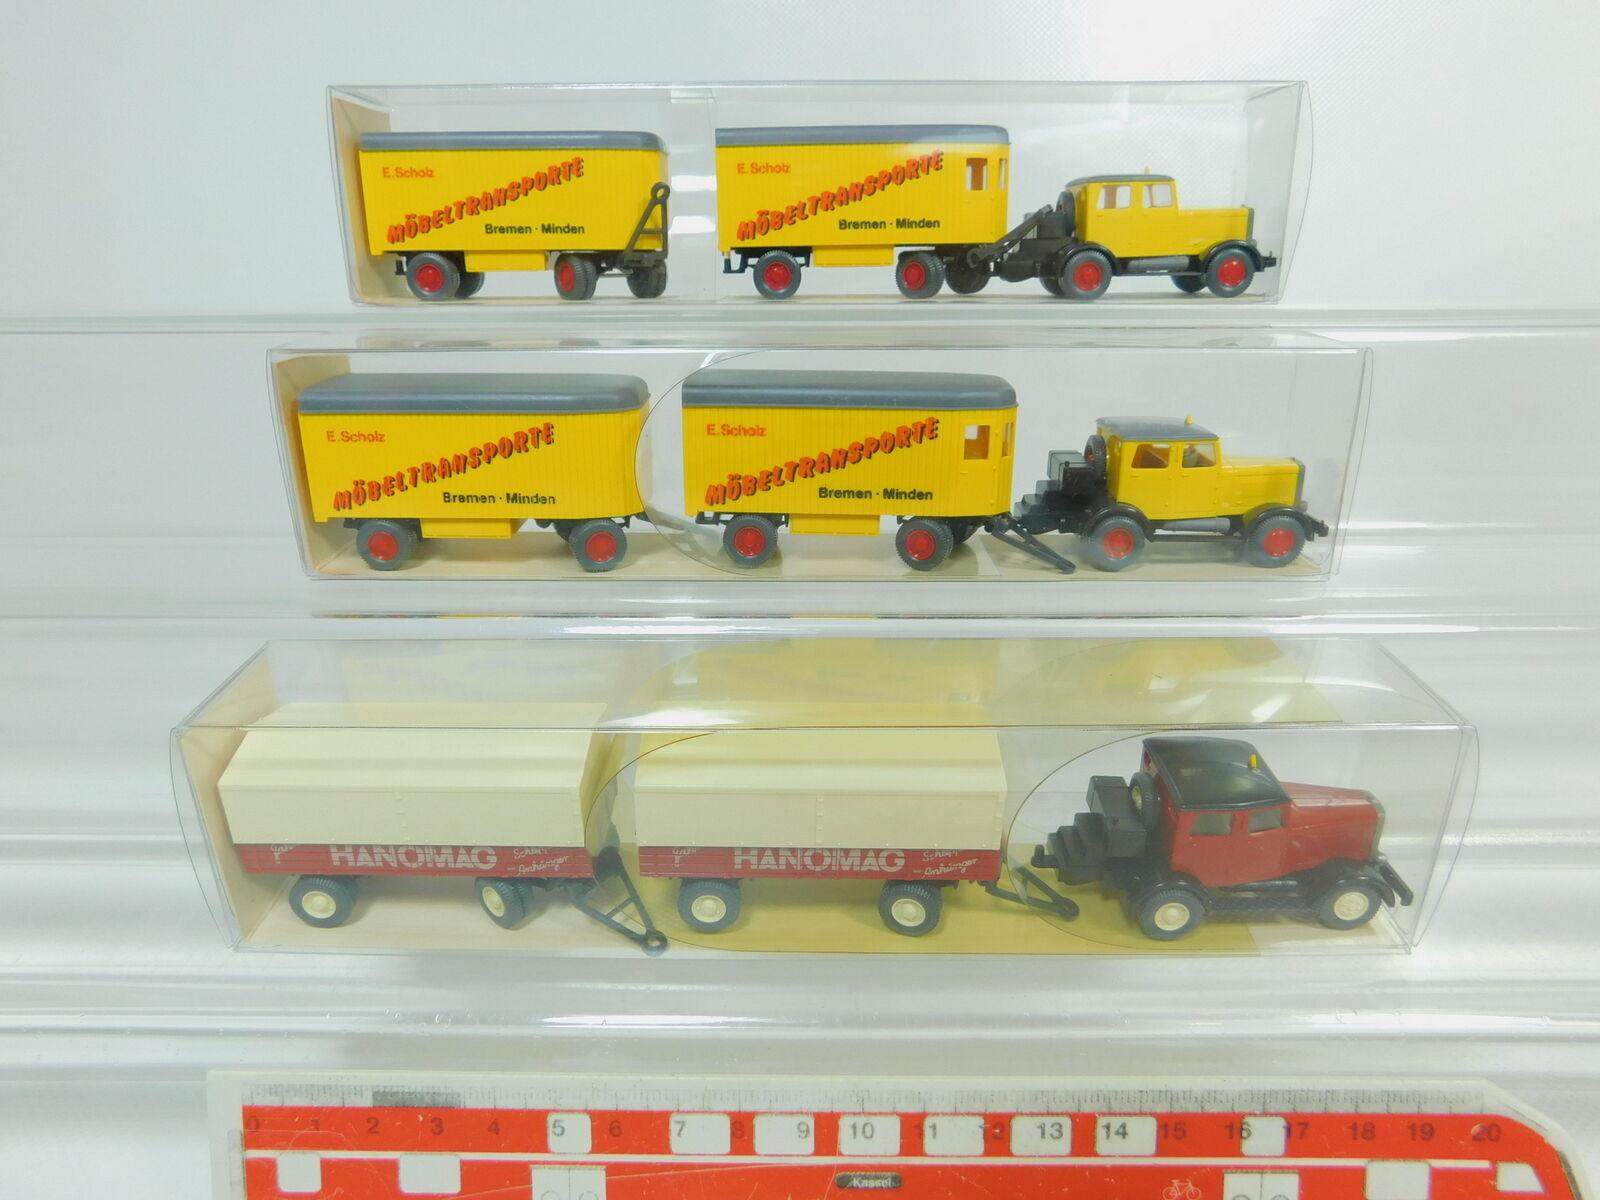 BO444-0,5  3x Wiking H0 1 87 LKW Hanomag ST 100  27 851 Scholz  27 850, TOPOVP  | Auf Verkauf